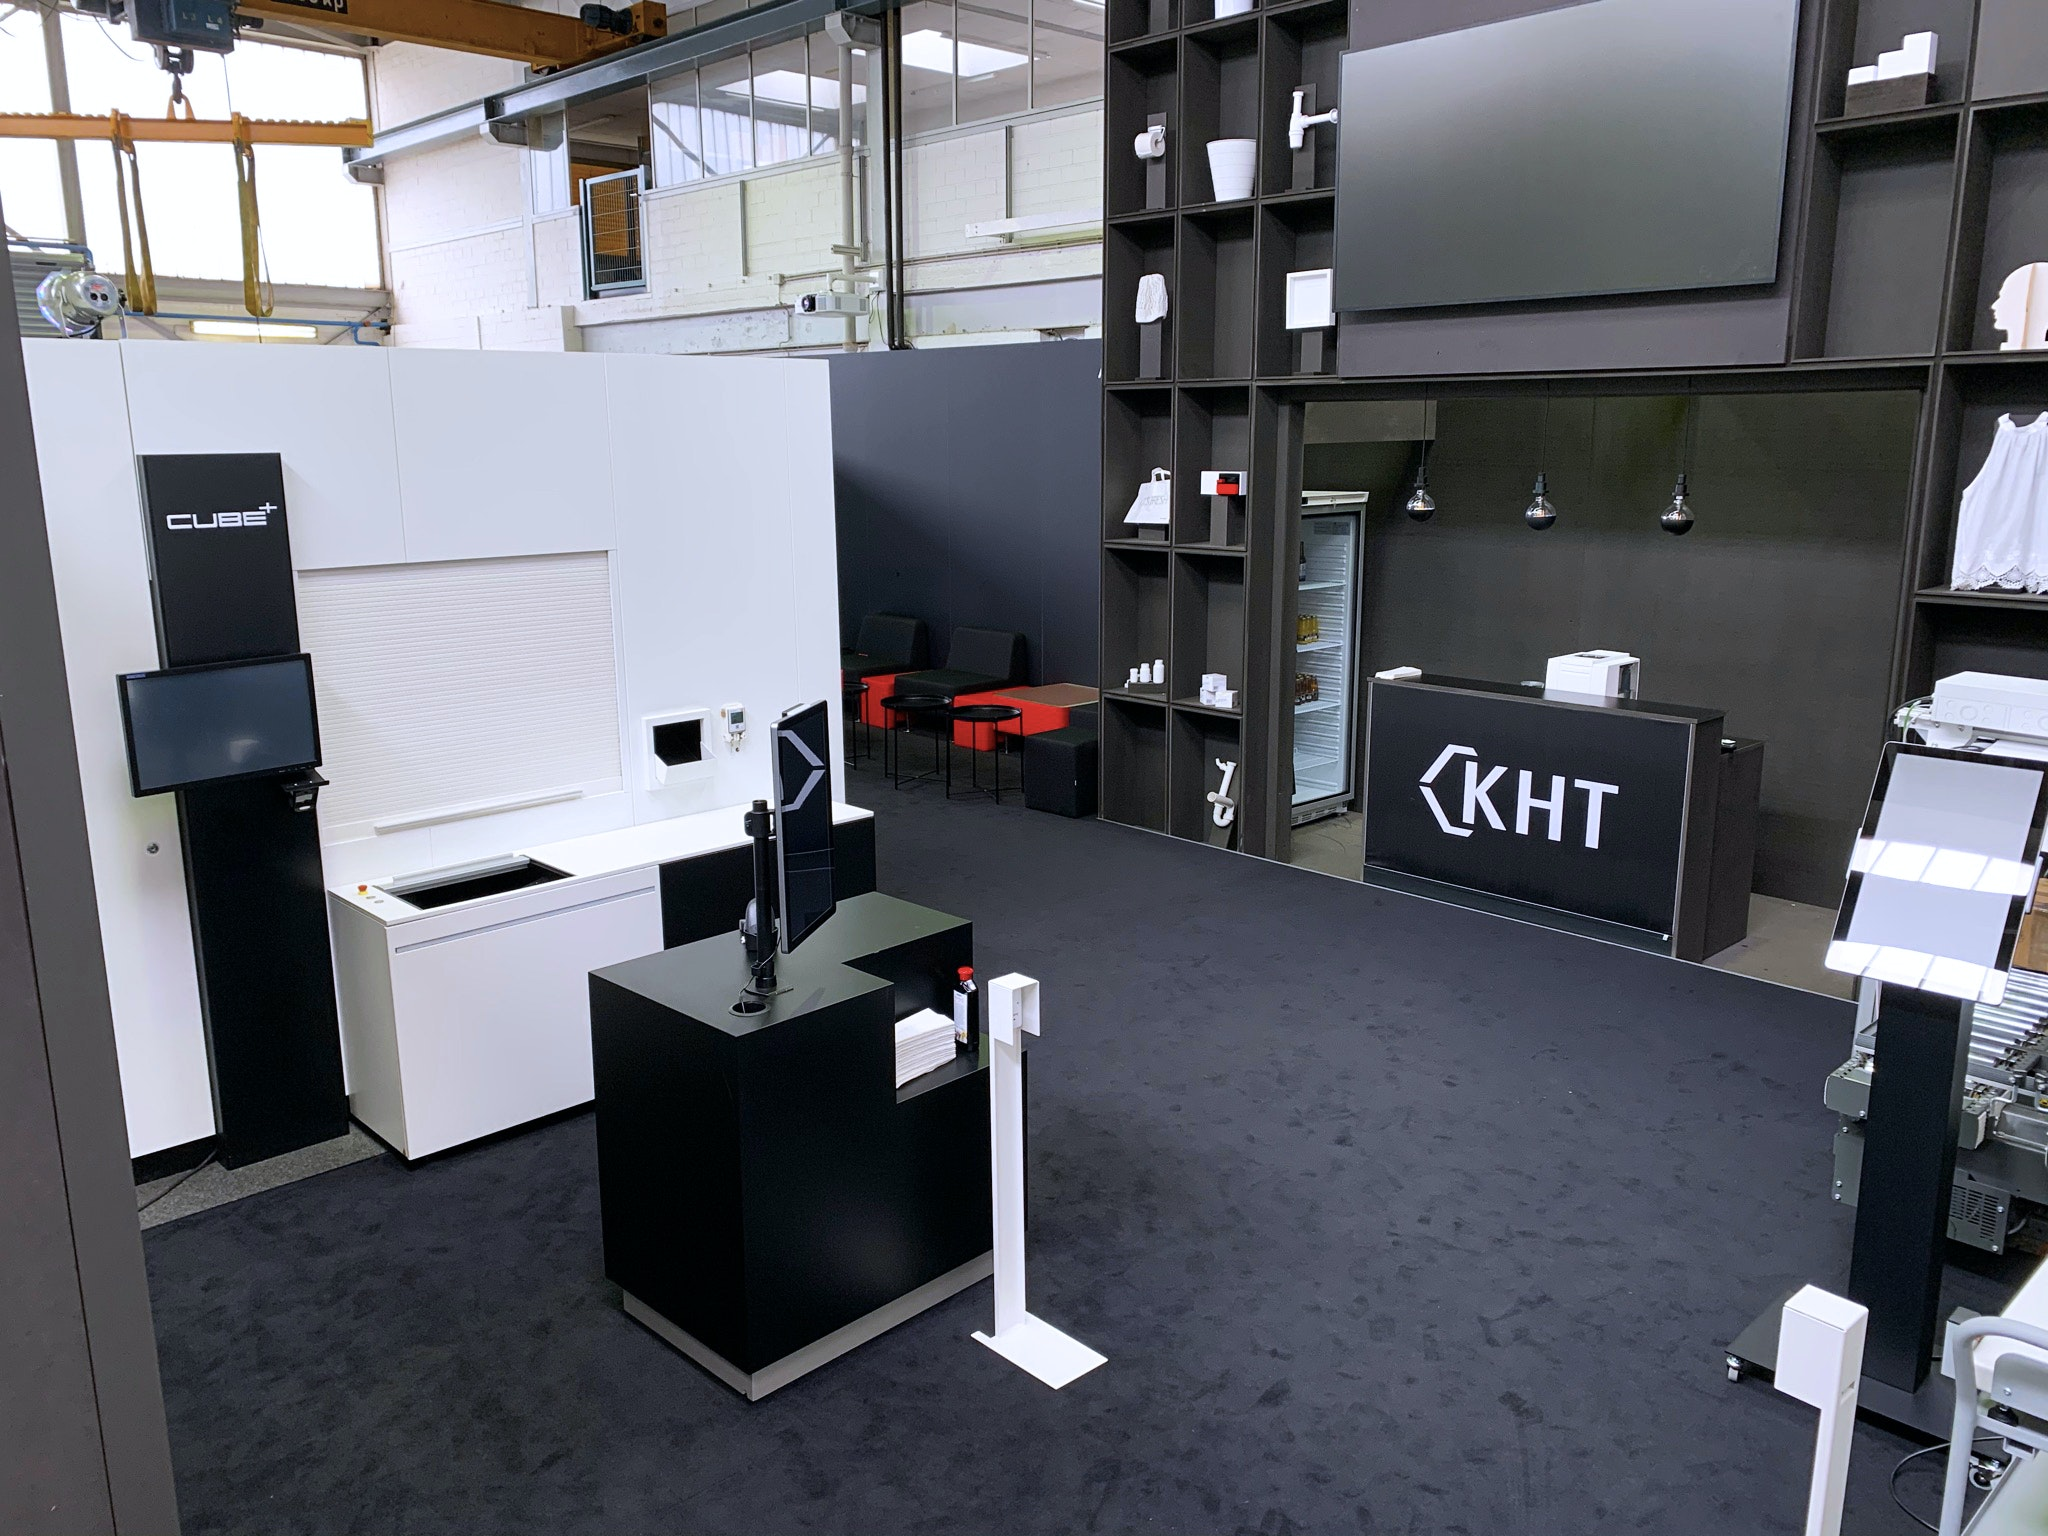 Knapp Smart Solutions Apostore Showroom Digital Butler HV Tisch Messestand IMG 4104